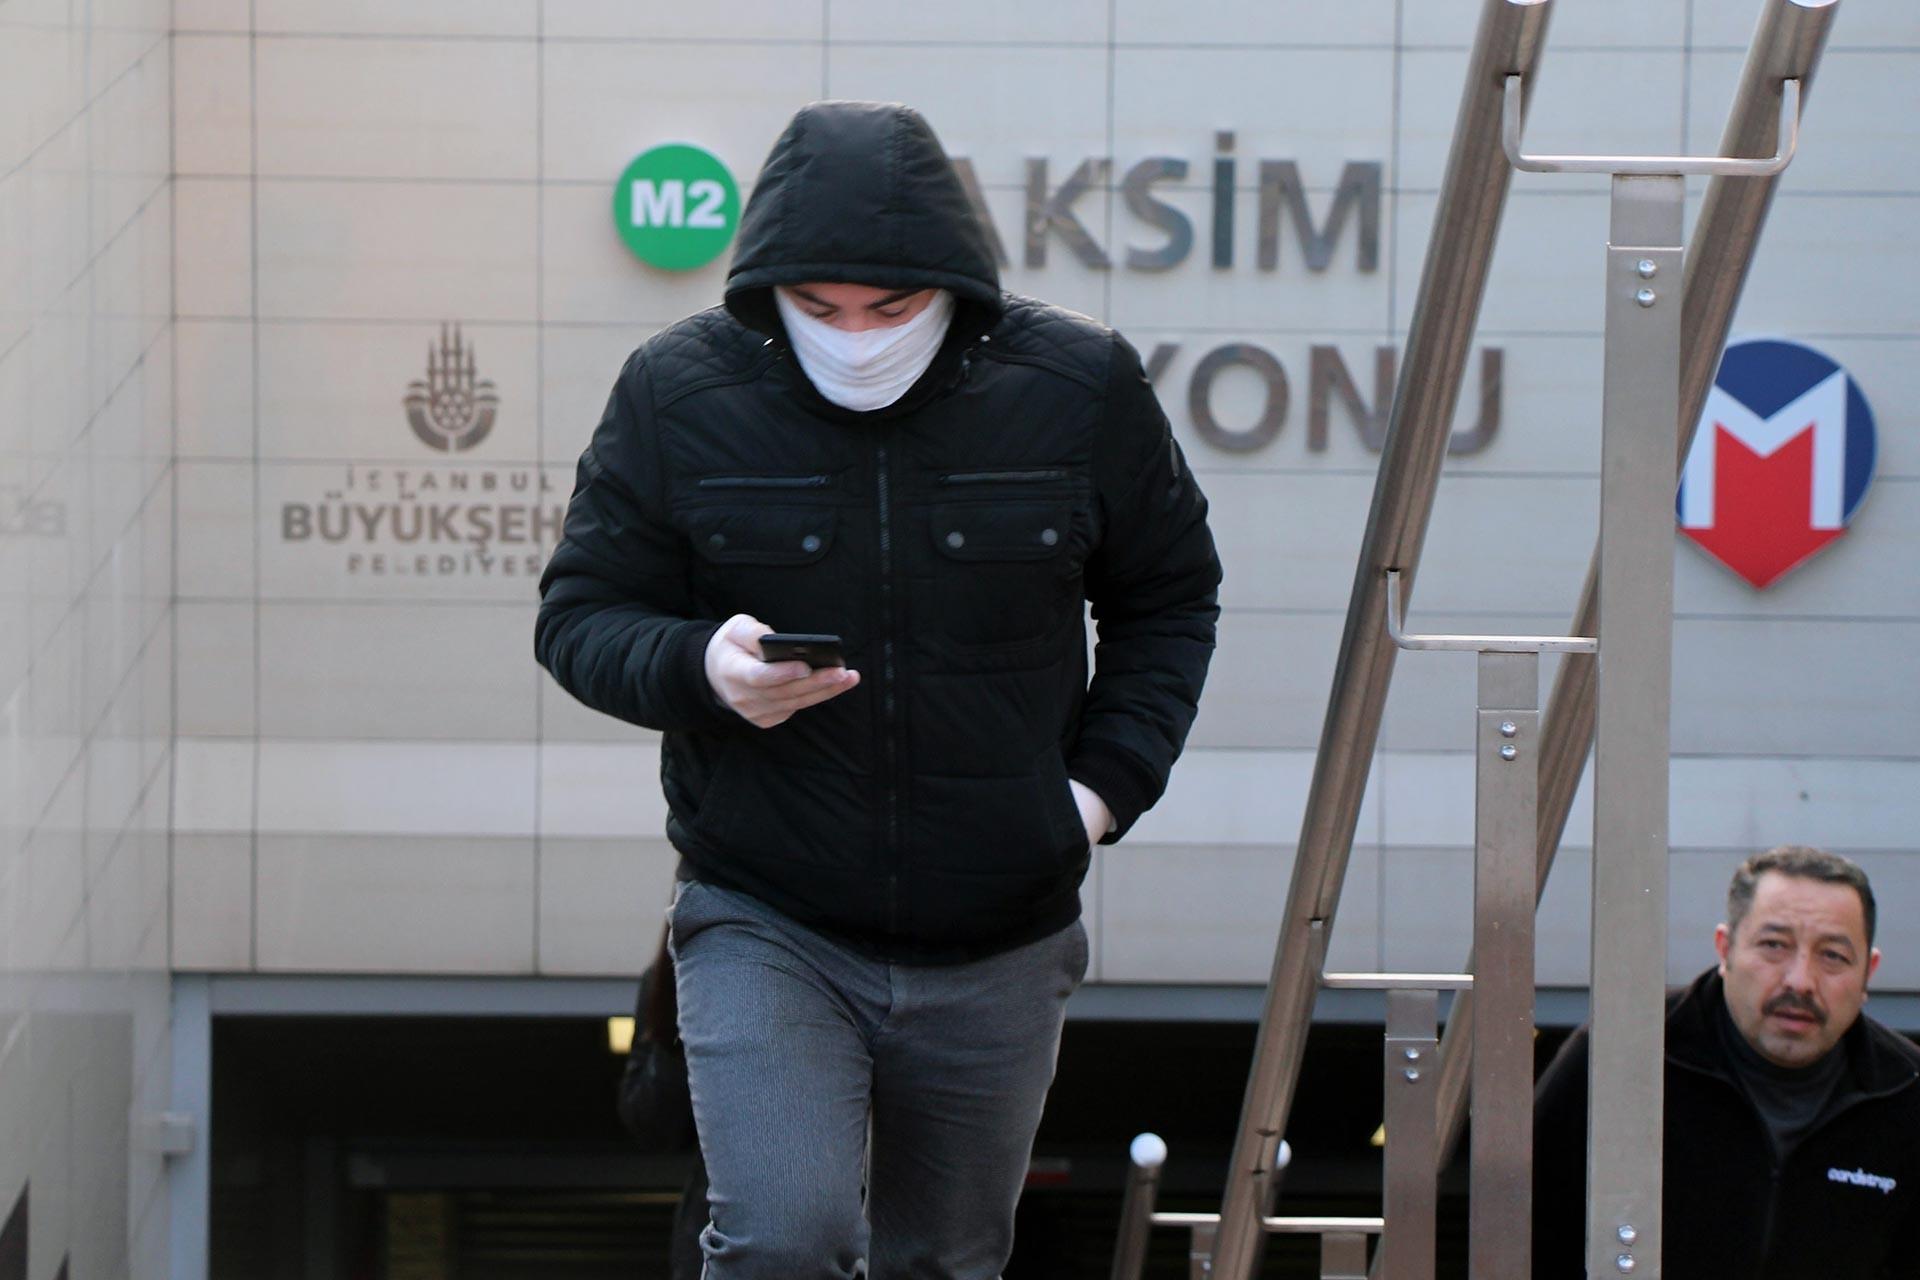 Metrobüs gişesinde yürüyen maskeli vatandaş